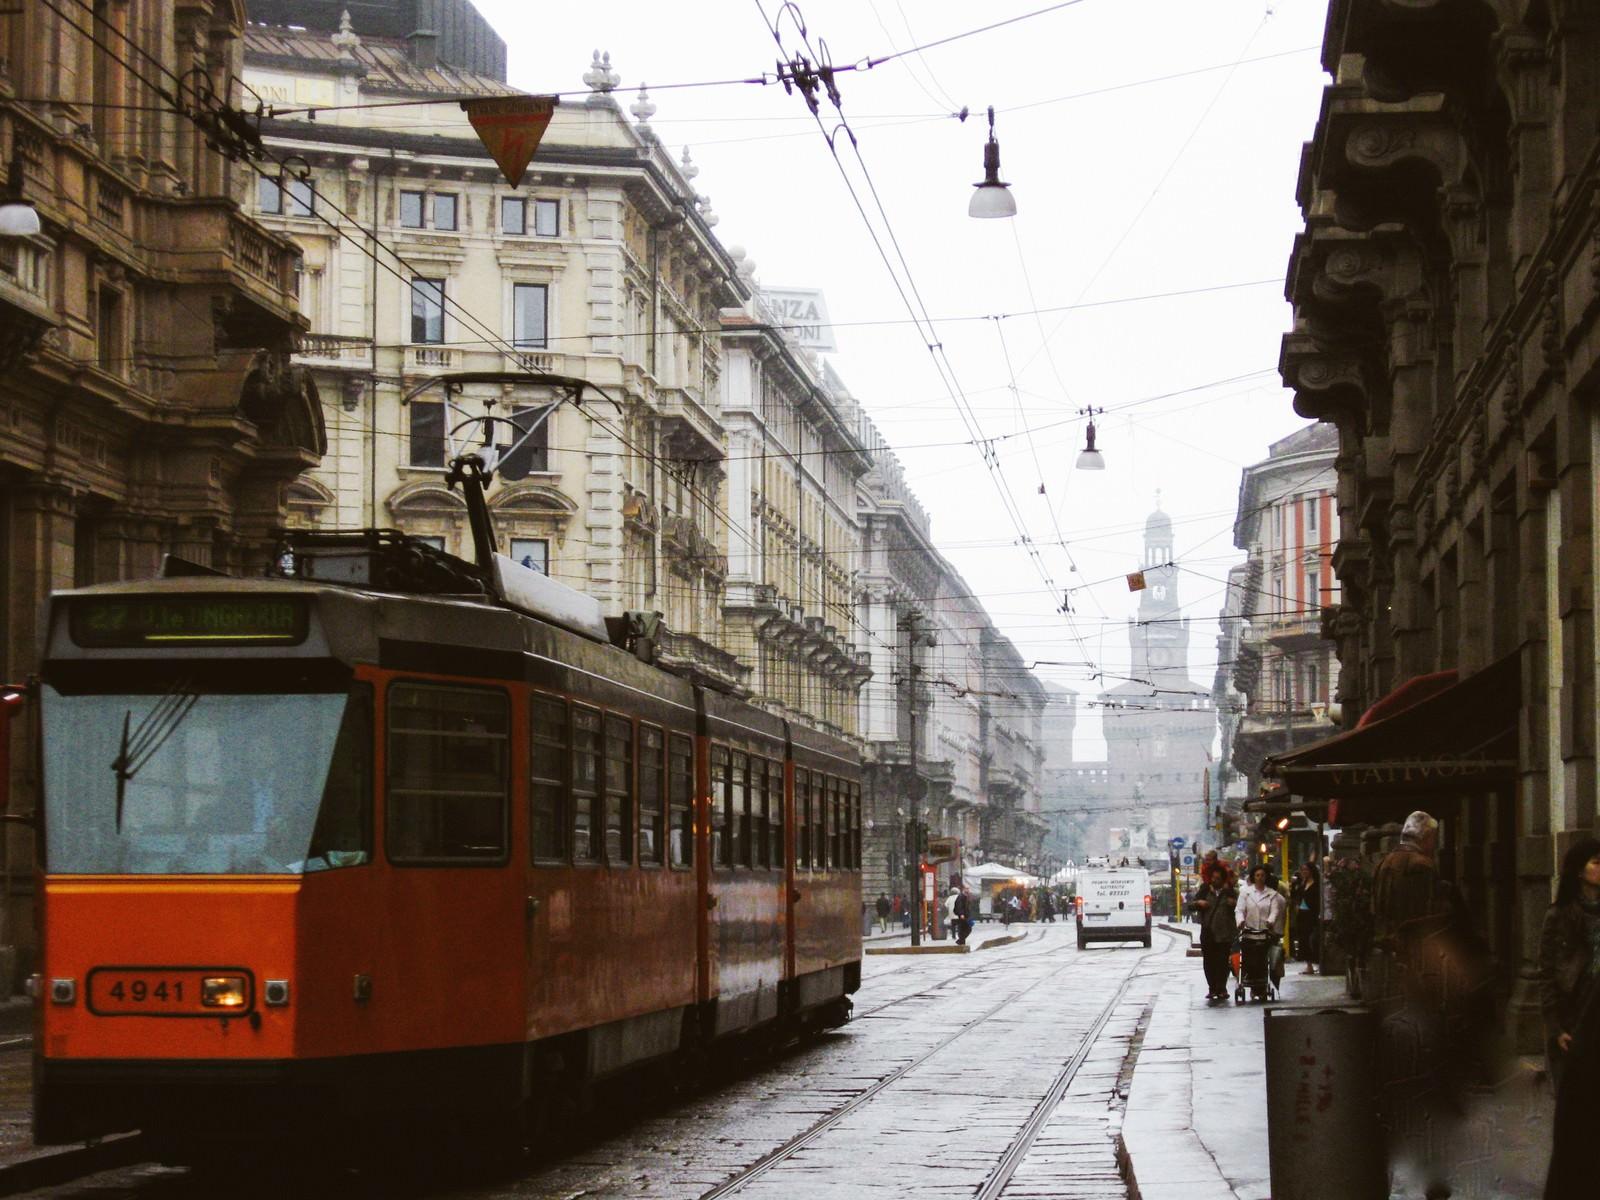 「ミラノの時計台へと続く路地を走る路面電車と街並み(イタリア) | 写真の無料素材・フリー素材 - ぱくたそ」の写真